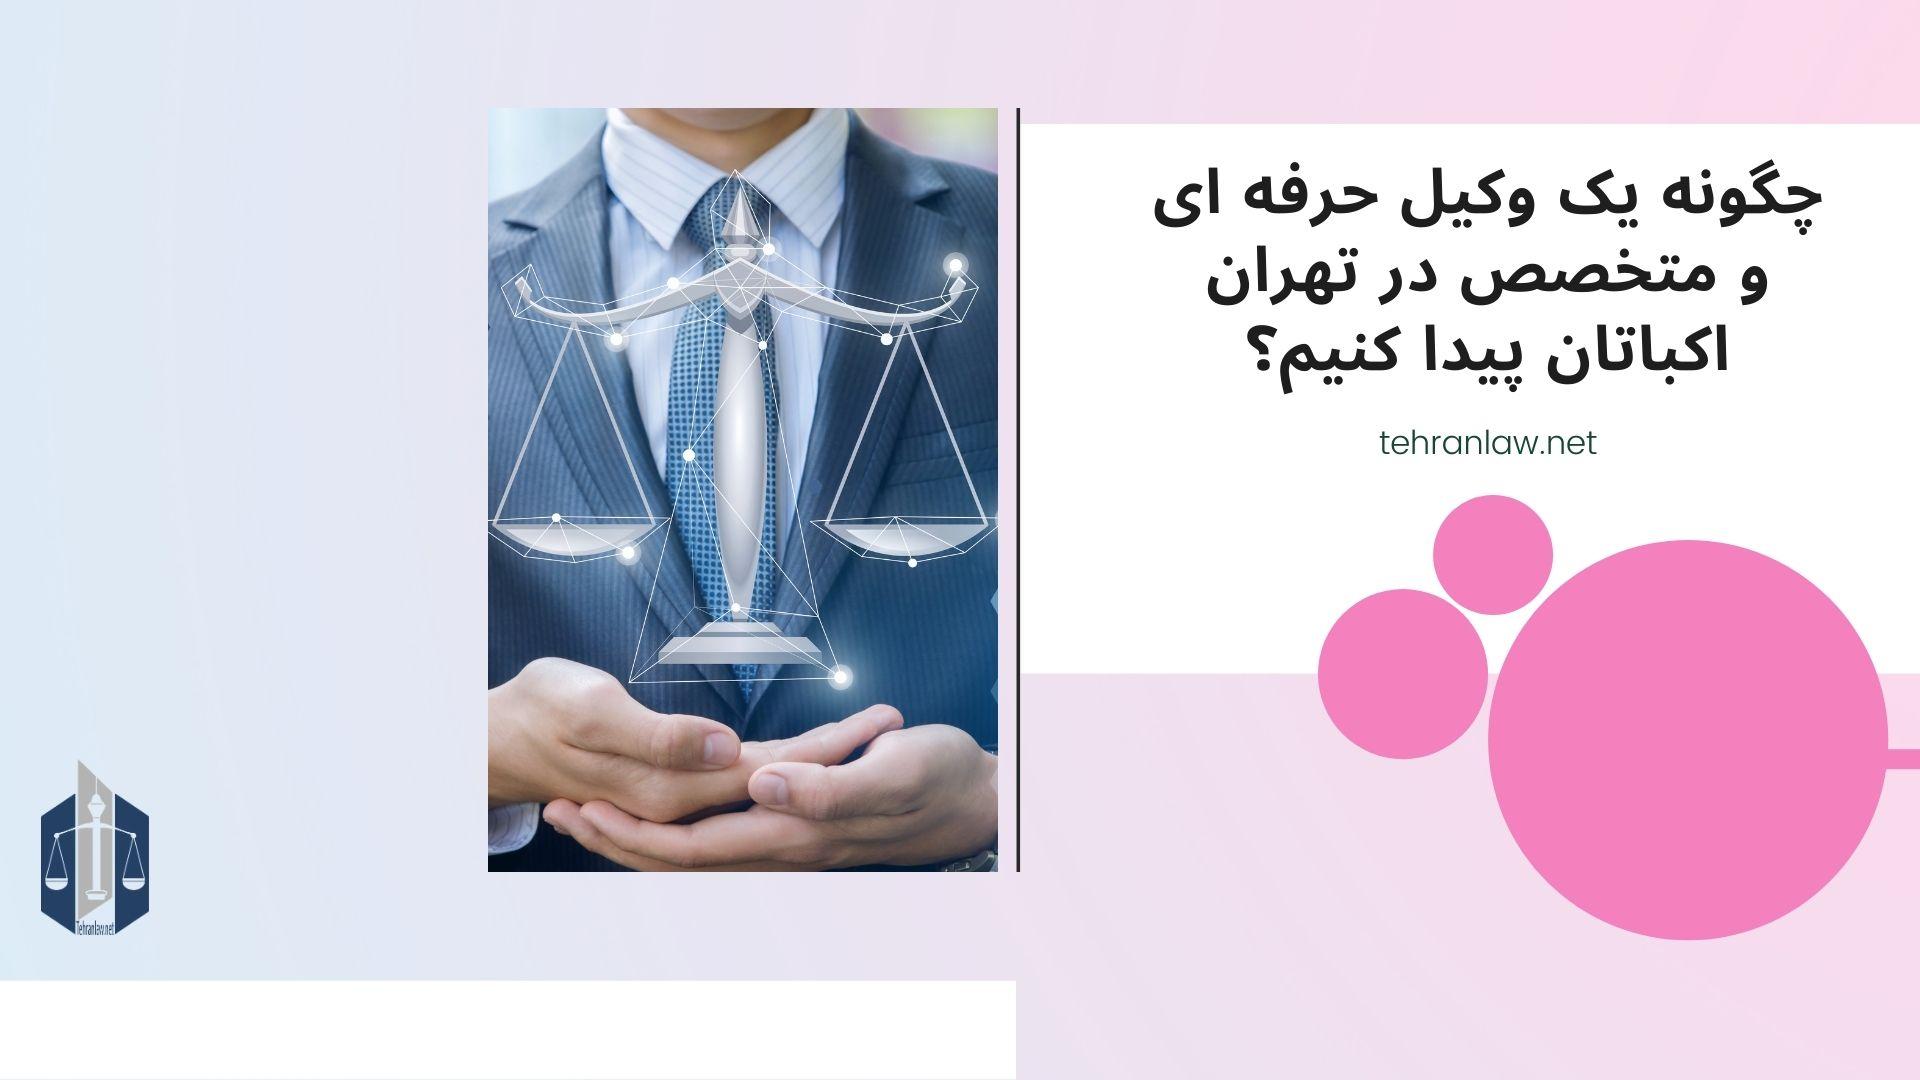 چگونه یک وکیل حرفه ای و متخصص در تهران اکباتان پیدا کنیم؟